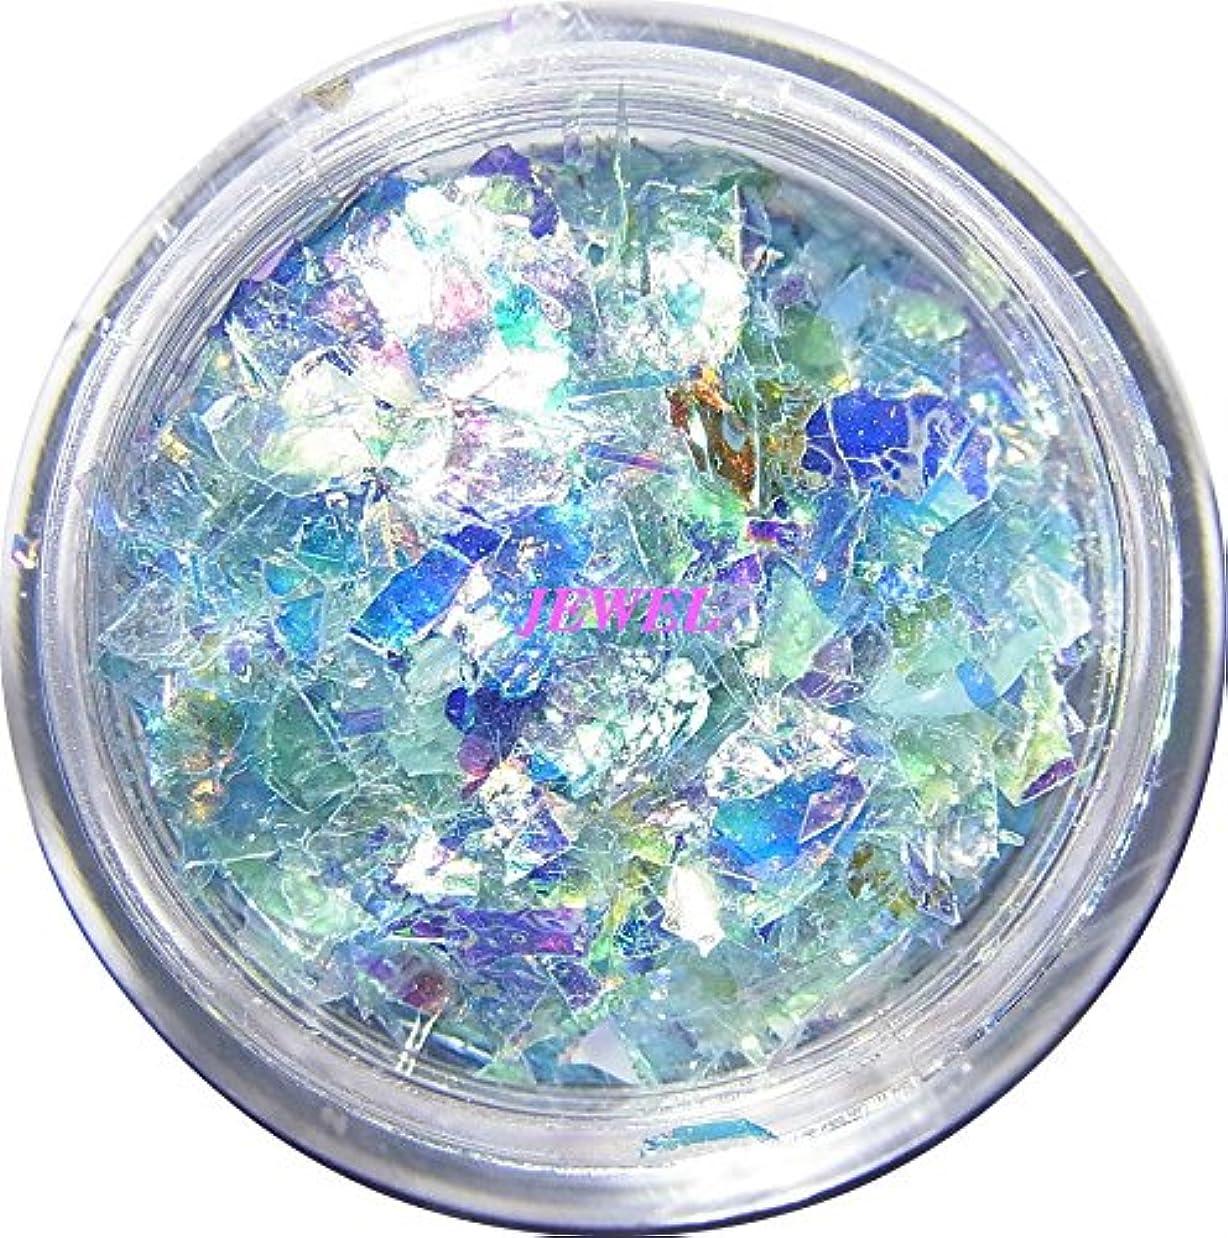 ボランティアスクラップ埋める【jewel】乱切りホロ 0.7g入り 12色から選択可能 クラッシュホログラム パステルカラー 素材 手芸 レジン ネイルアート パーツ (ライトブルー)